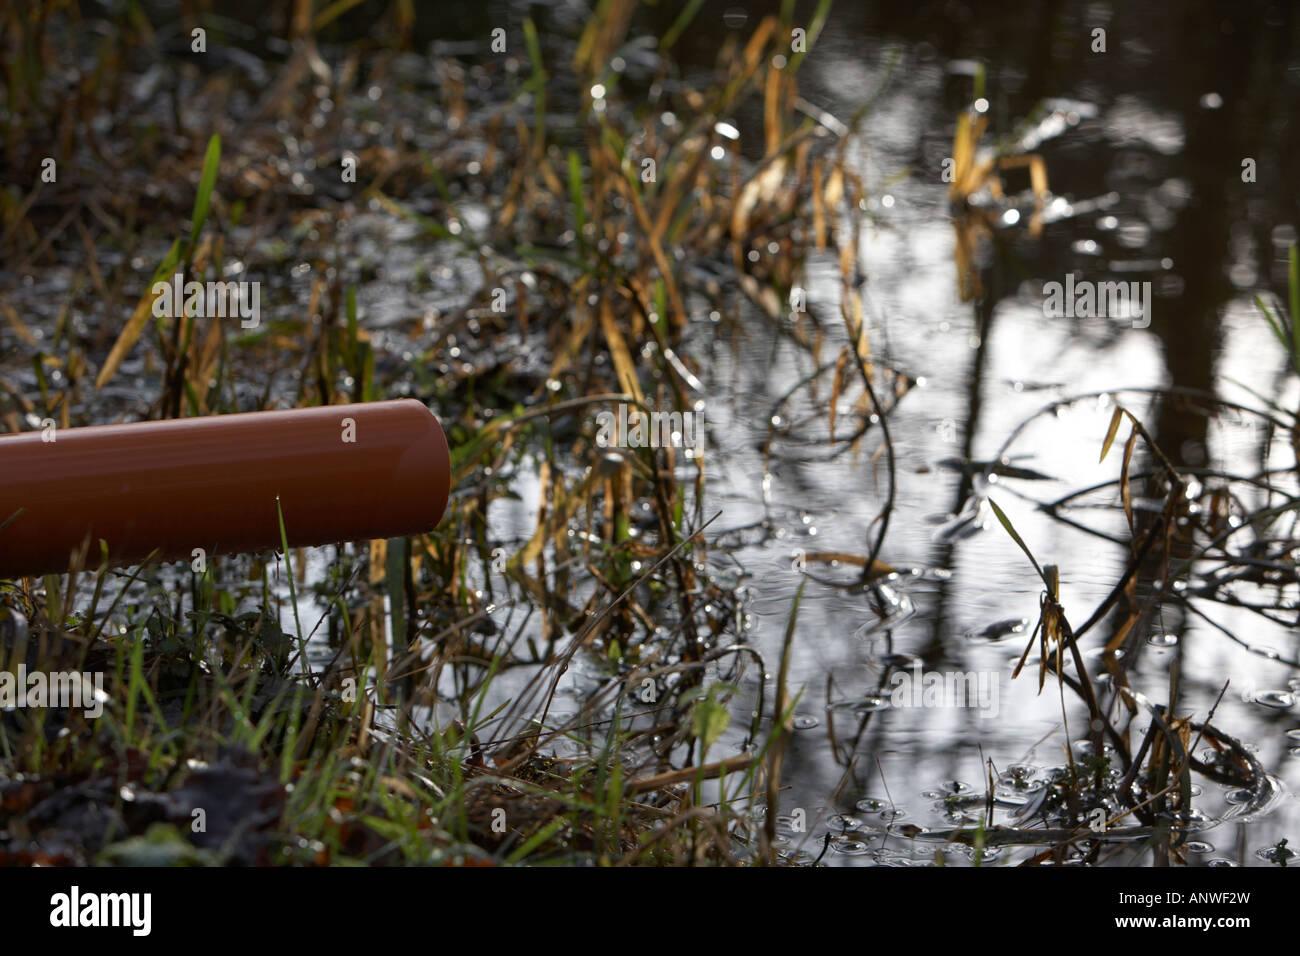 Kunststoff-Wasser Überlaufrohr in Fluss herausragen Stockbild